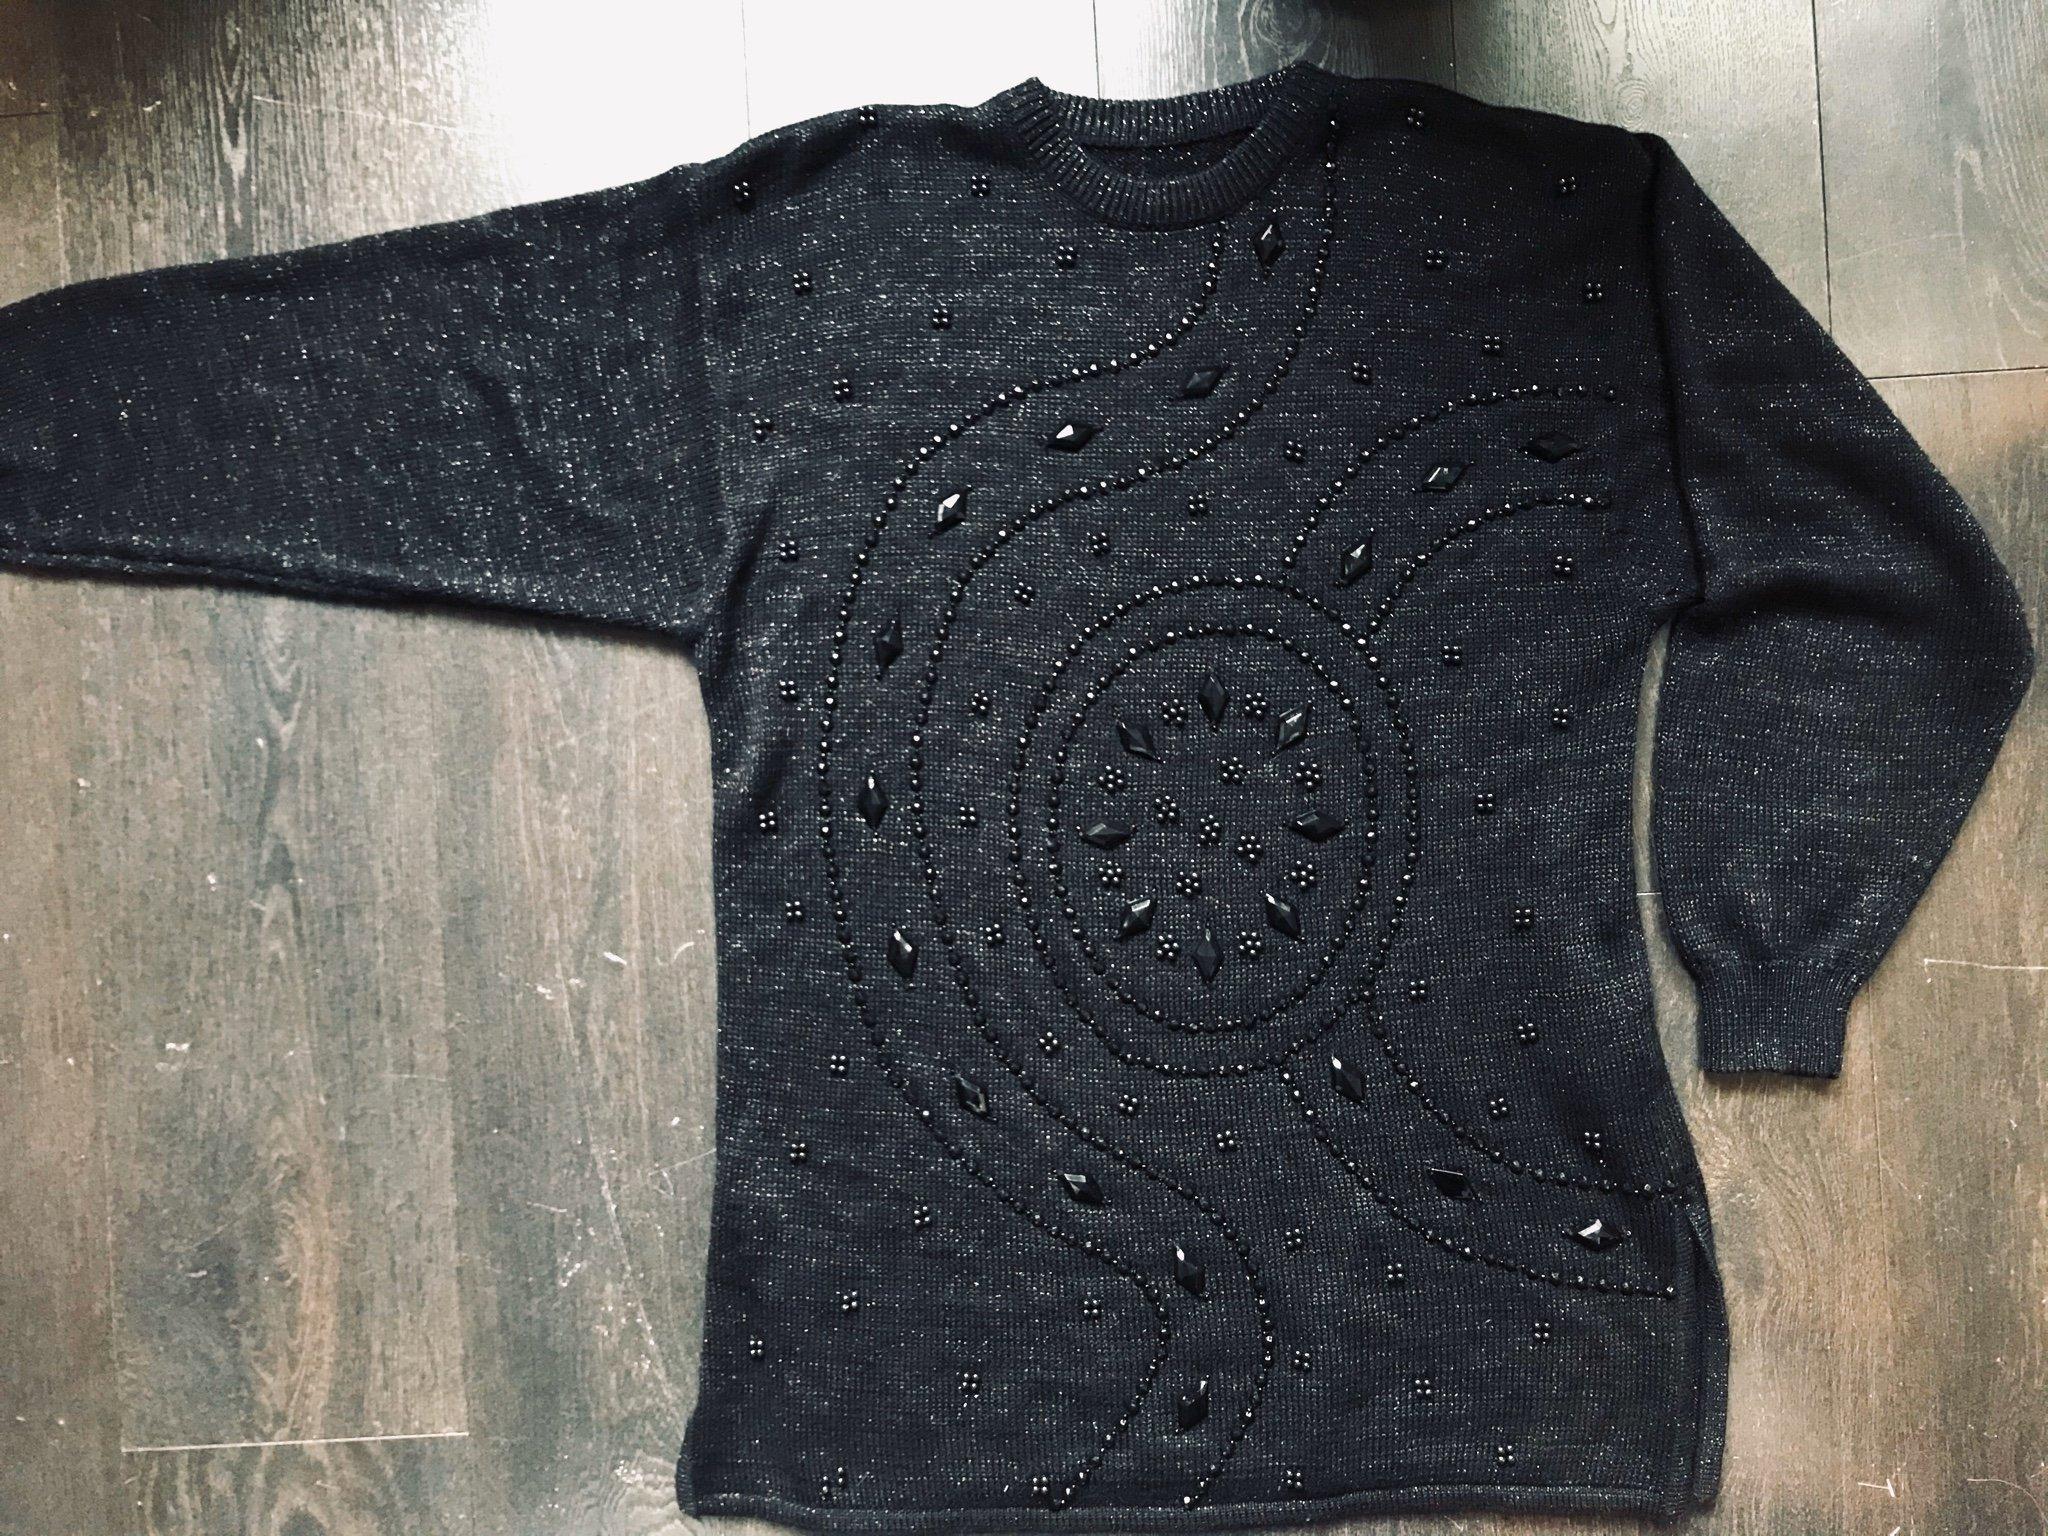 Vintage 80 tal svart stickad tröja jumper klänning med pärlor vinter new wave